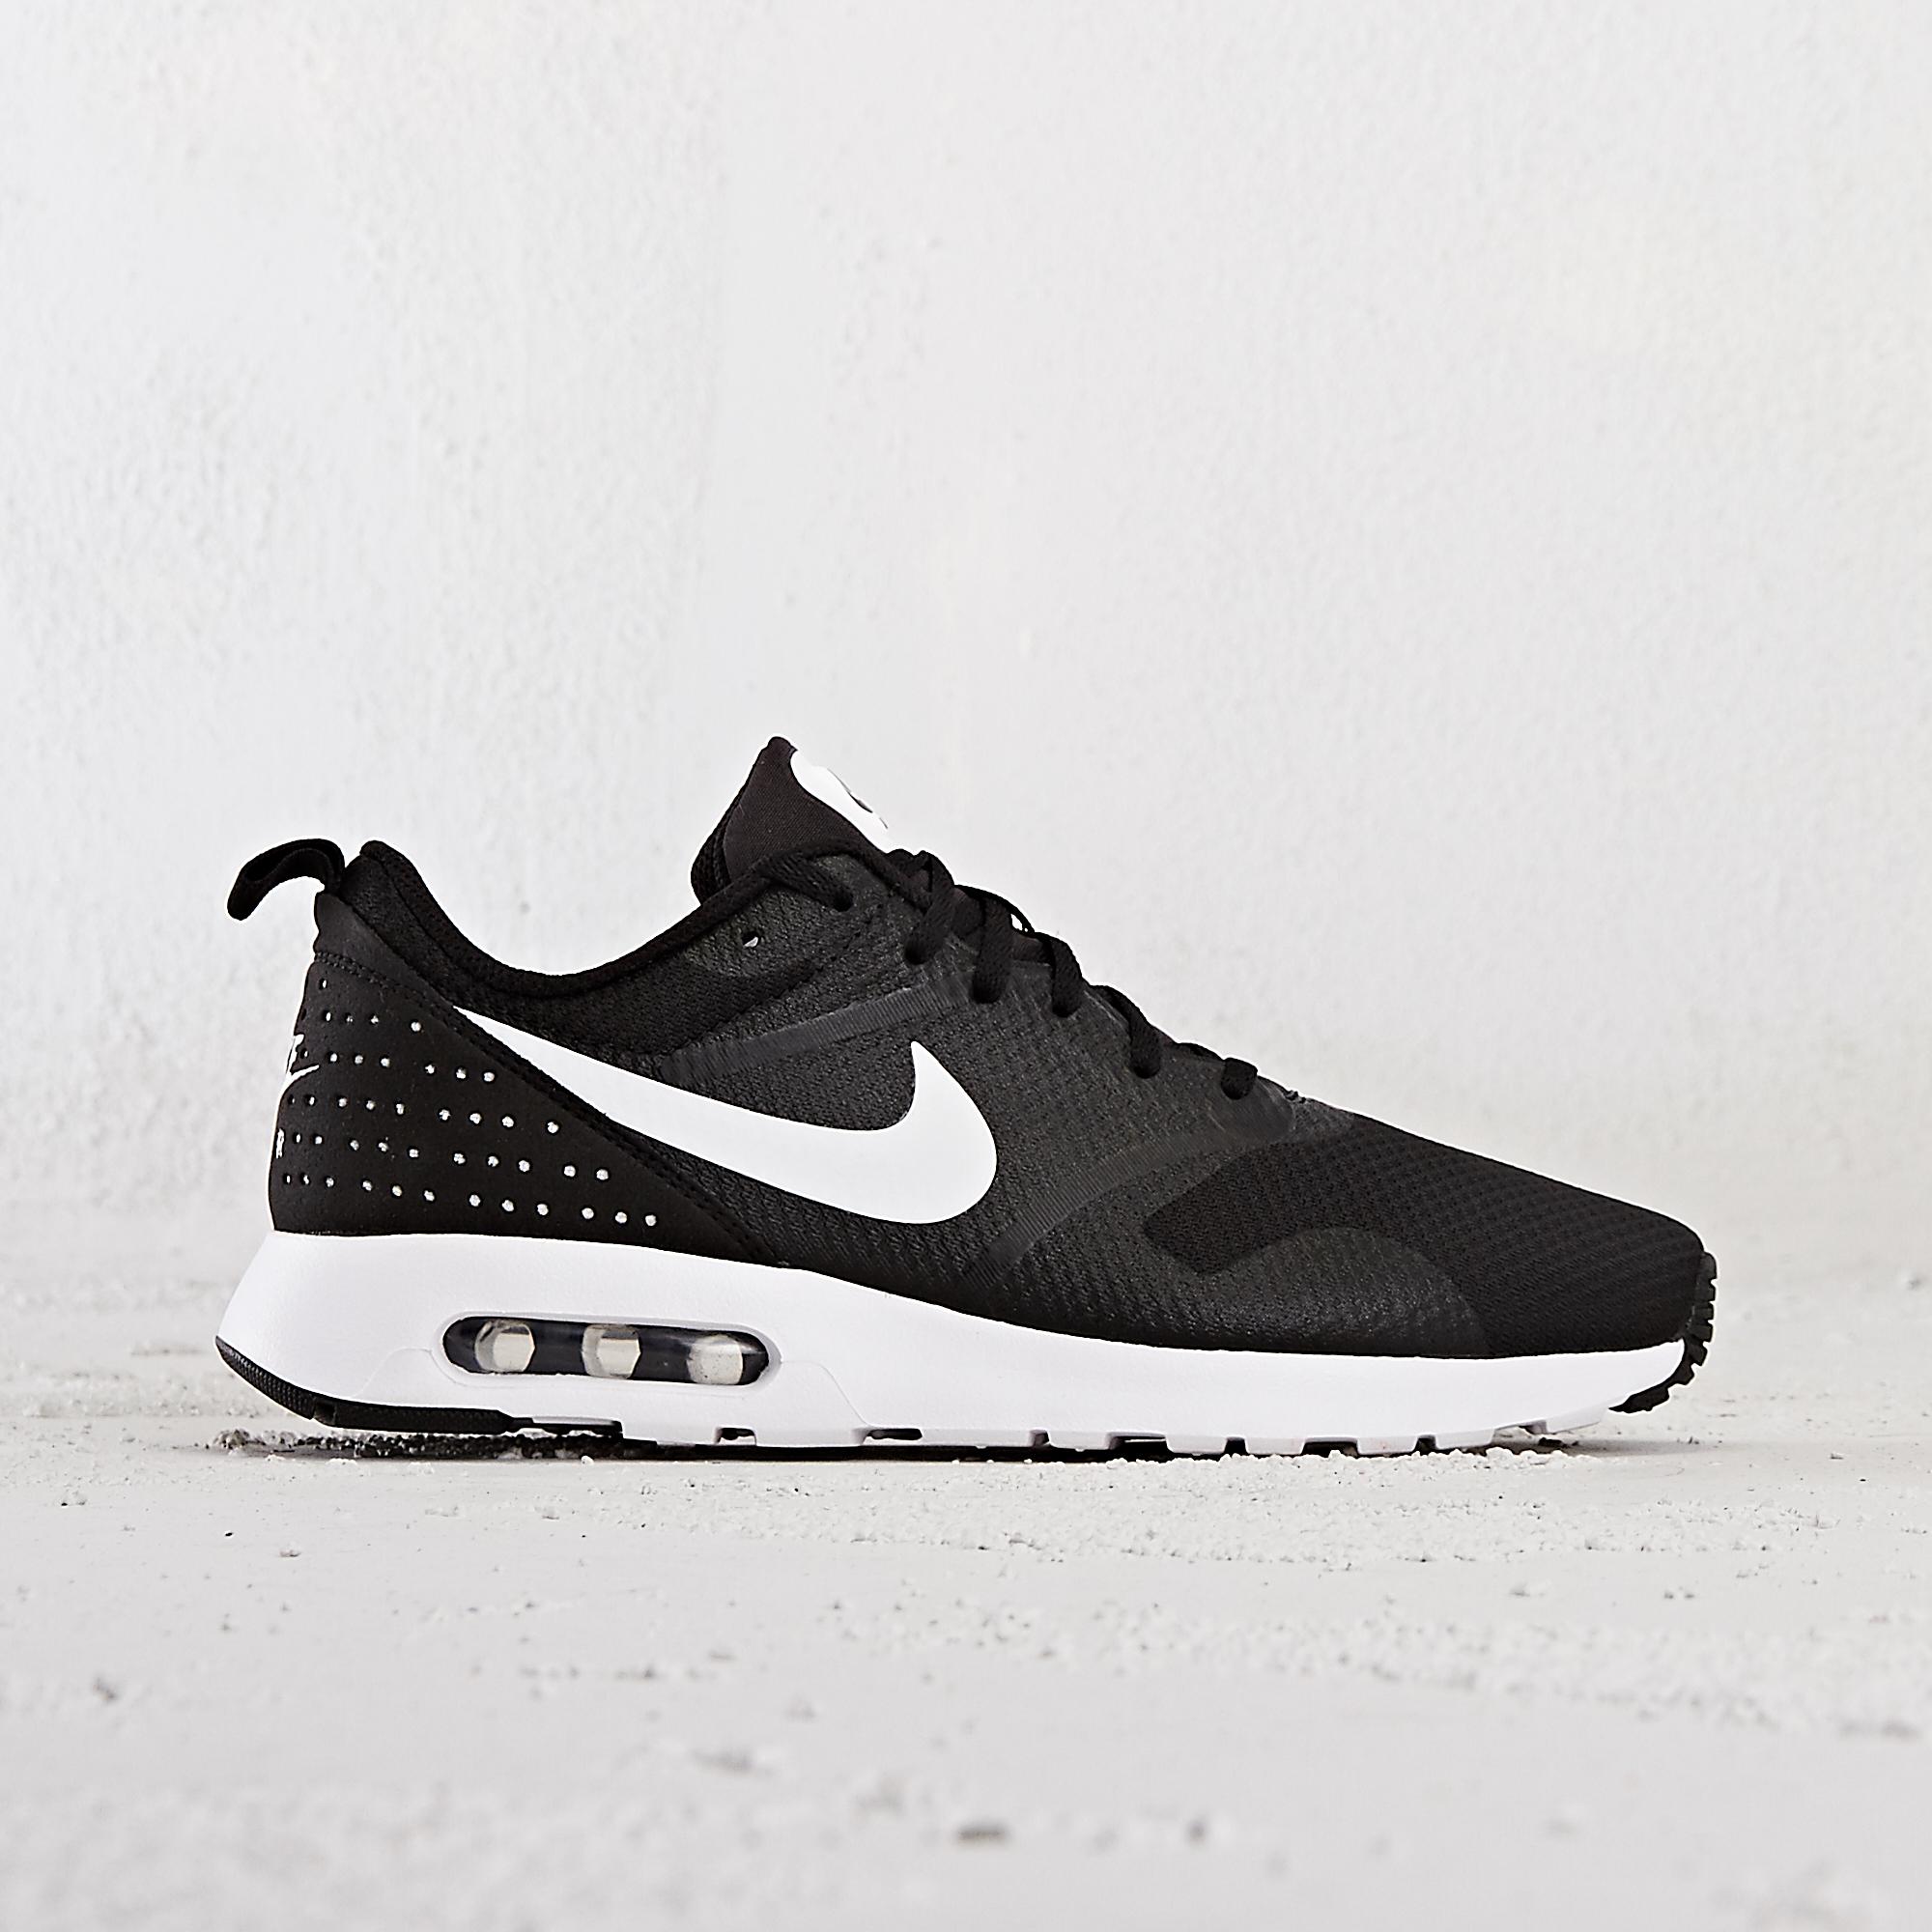 5f9df26630707 Buy Nike AIR MAX TAVAS - Black | 705149